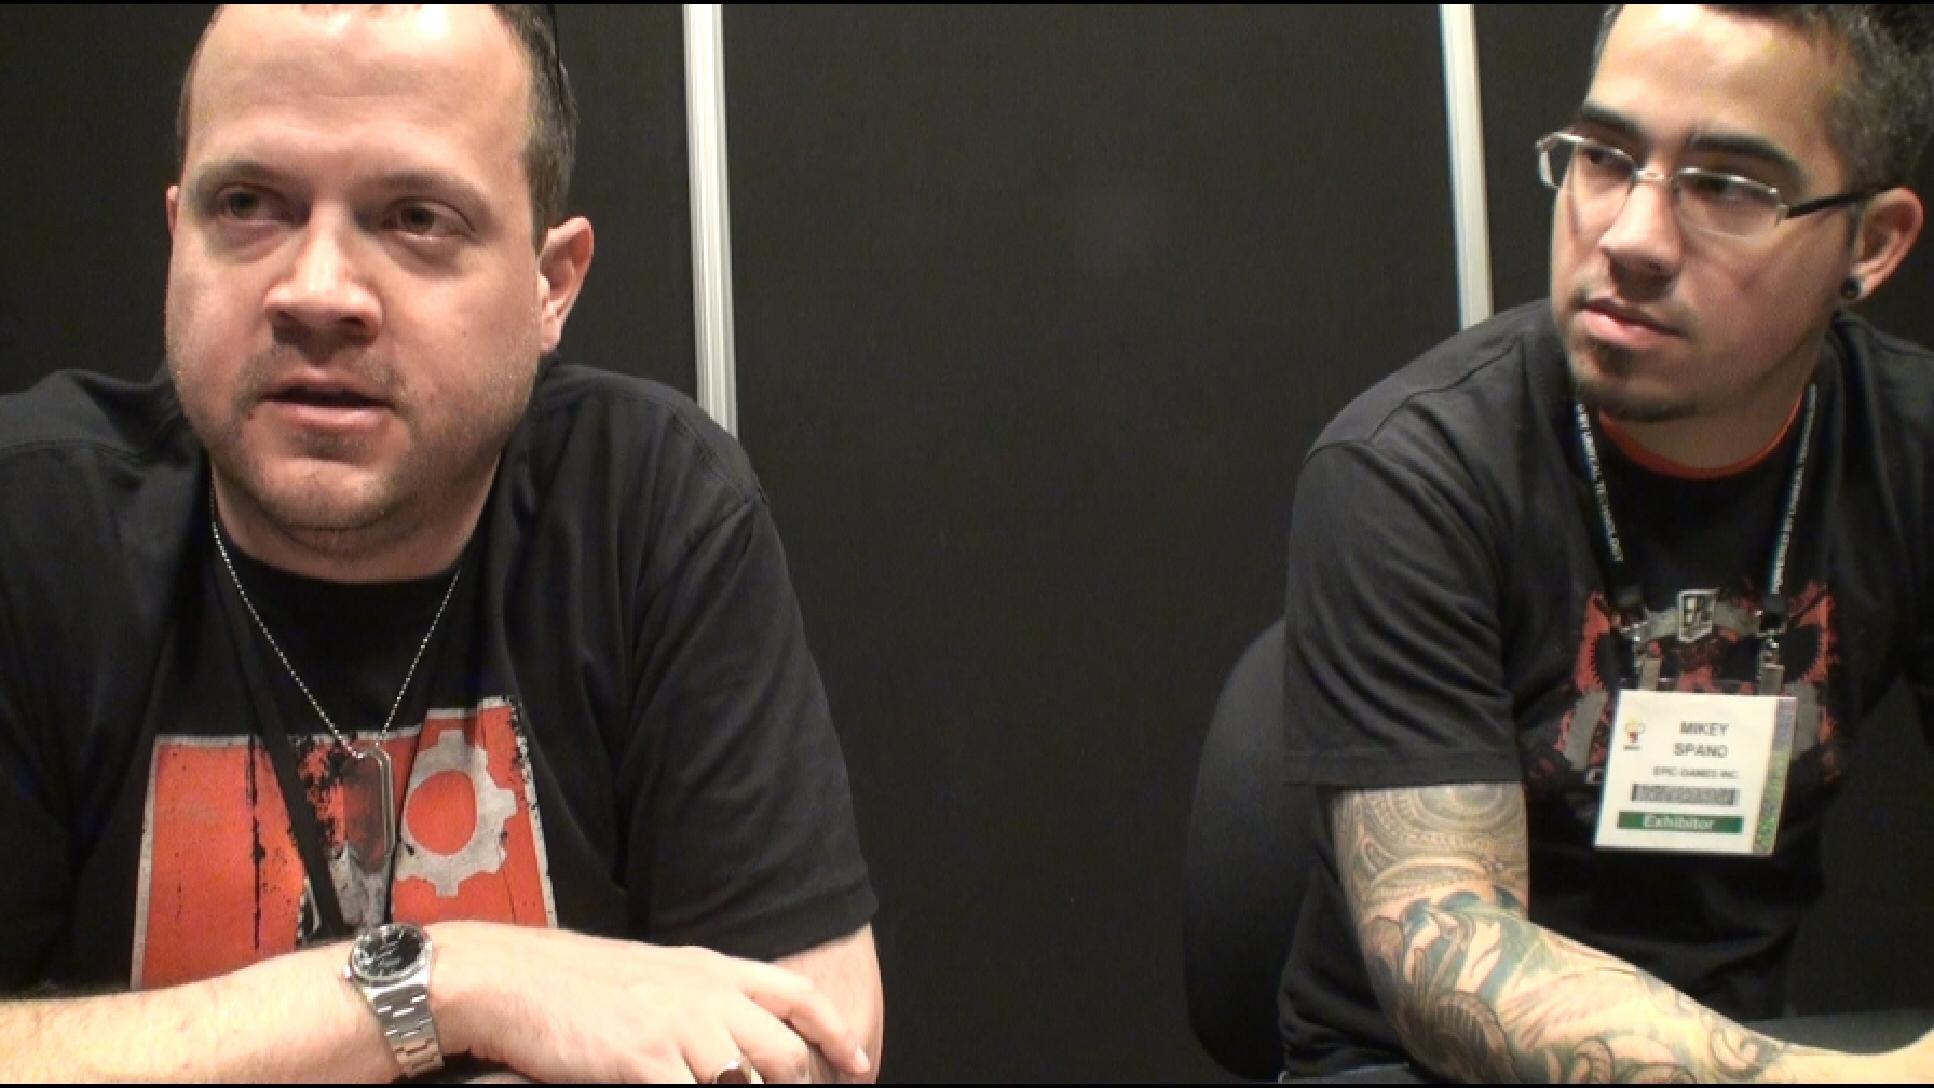 取材対応していただいたEPIC GAMES、「Gears of War 3」開発チームのおふたり。左がSenior Gameplay ProgrammerのJosh Markiewicz氏、右がSenior Environment Artistの Mikey Spano氏